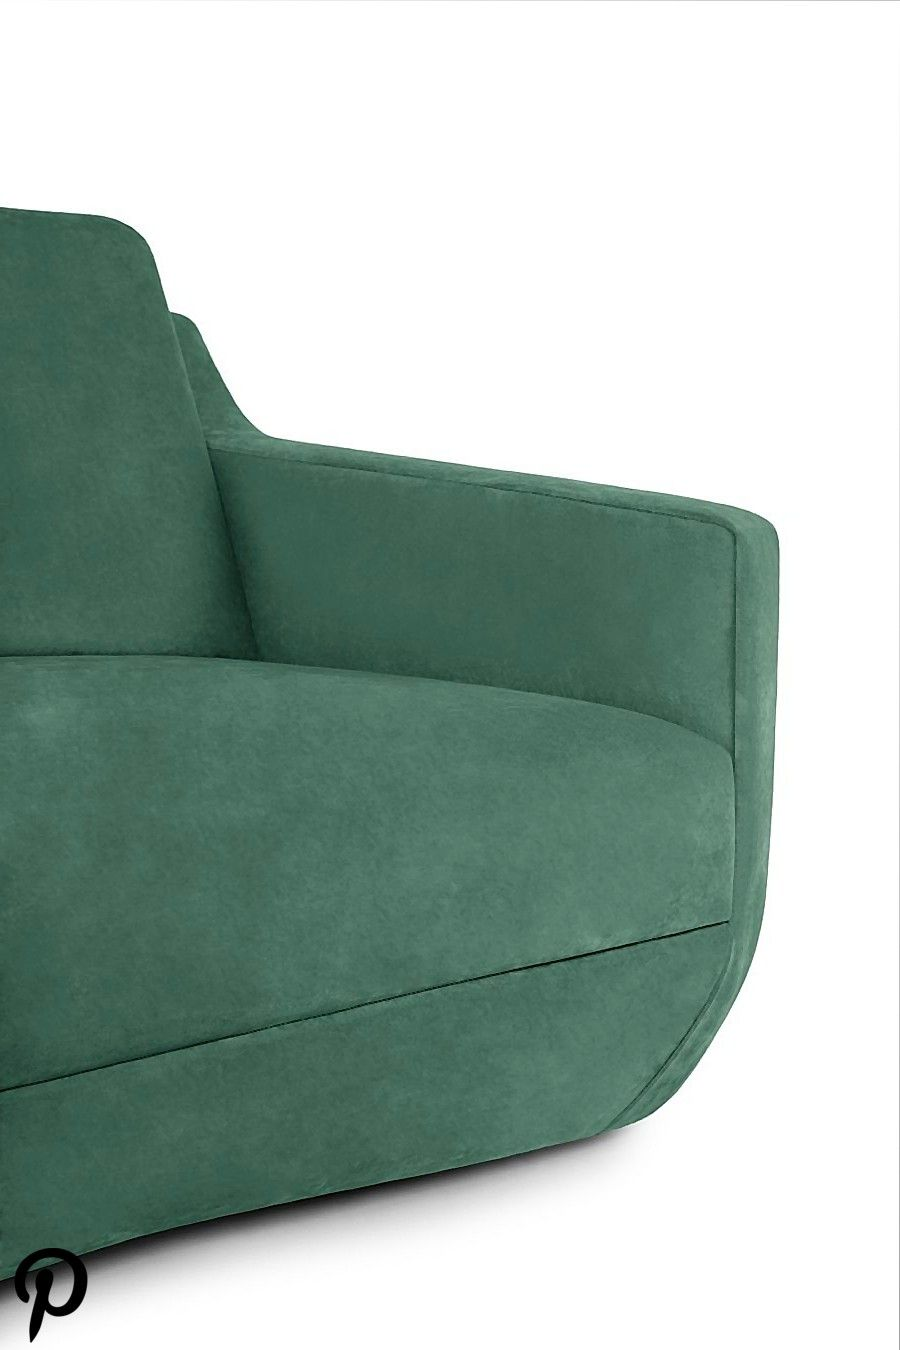 Maverick Sofa by Munna Design Maverick Sofa by Munna Design